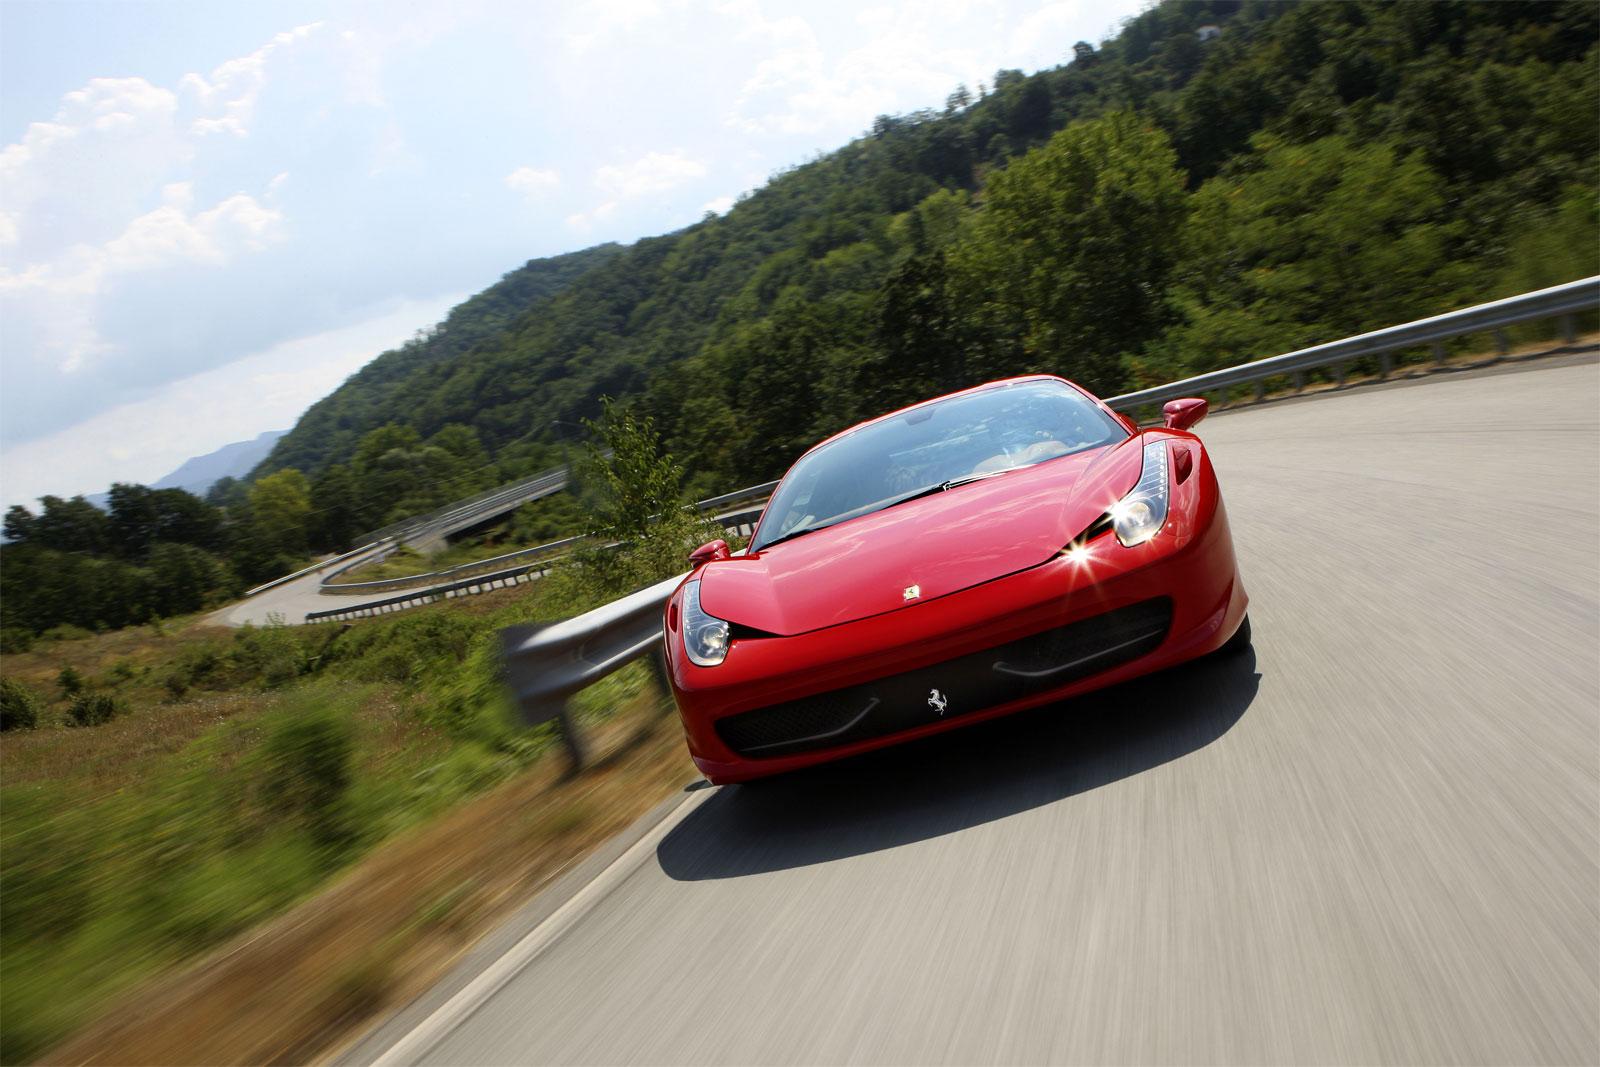 http://3.bp.blogspot.com/-5iblZPwd7bk/T-CKd84TWxI/AAAAAAAADfM/KdkEgyJDFuc/s1600/Ferrari+458+Italia+hd+Wallpapers+2011_3.jpg